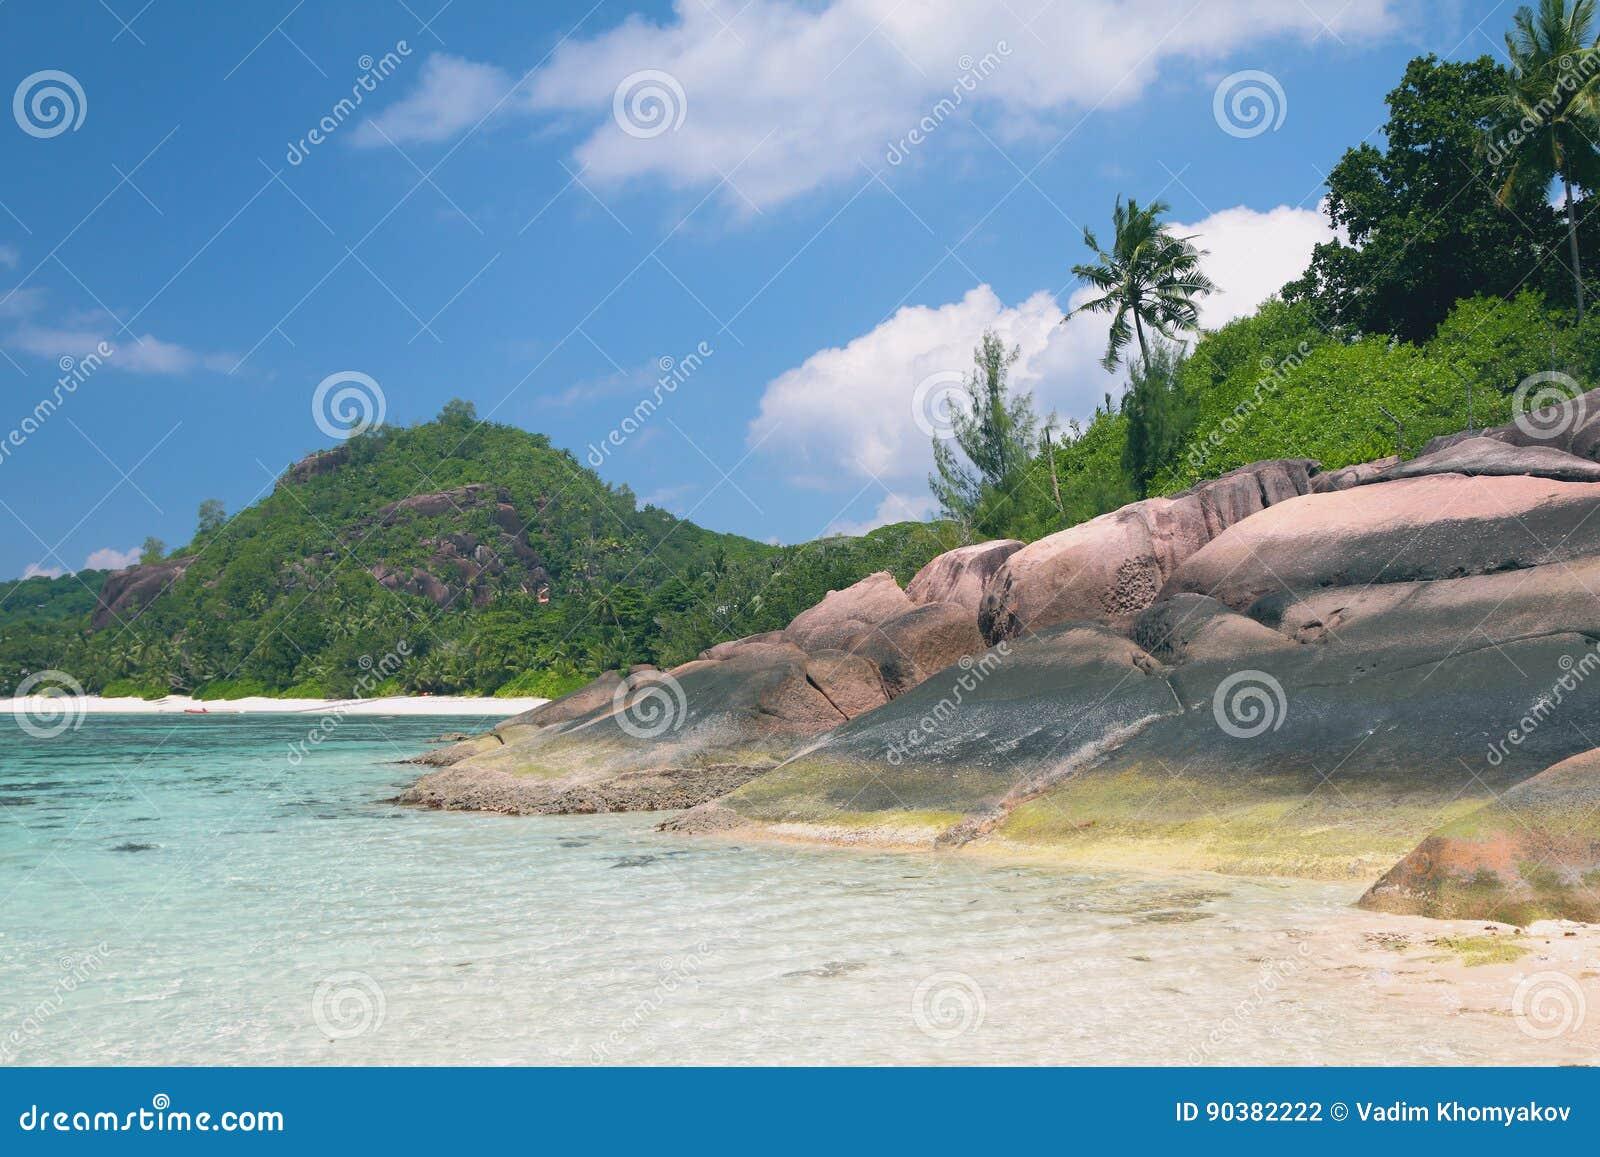 Educações do golfo e do basalto nos trópicos Baie Lazare, Mahe, Seychelles